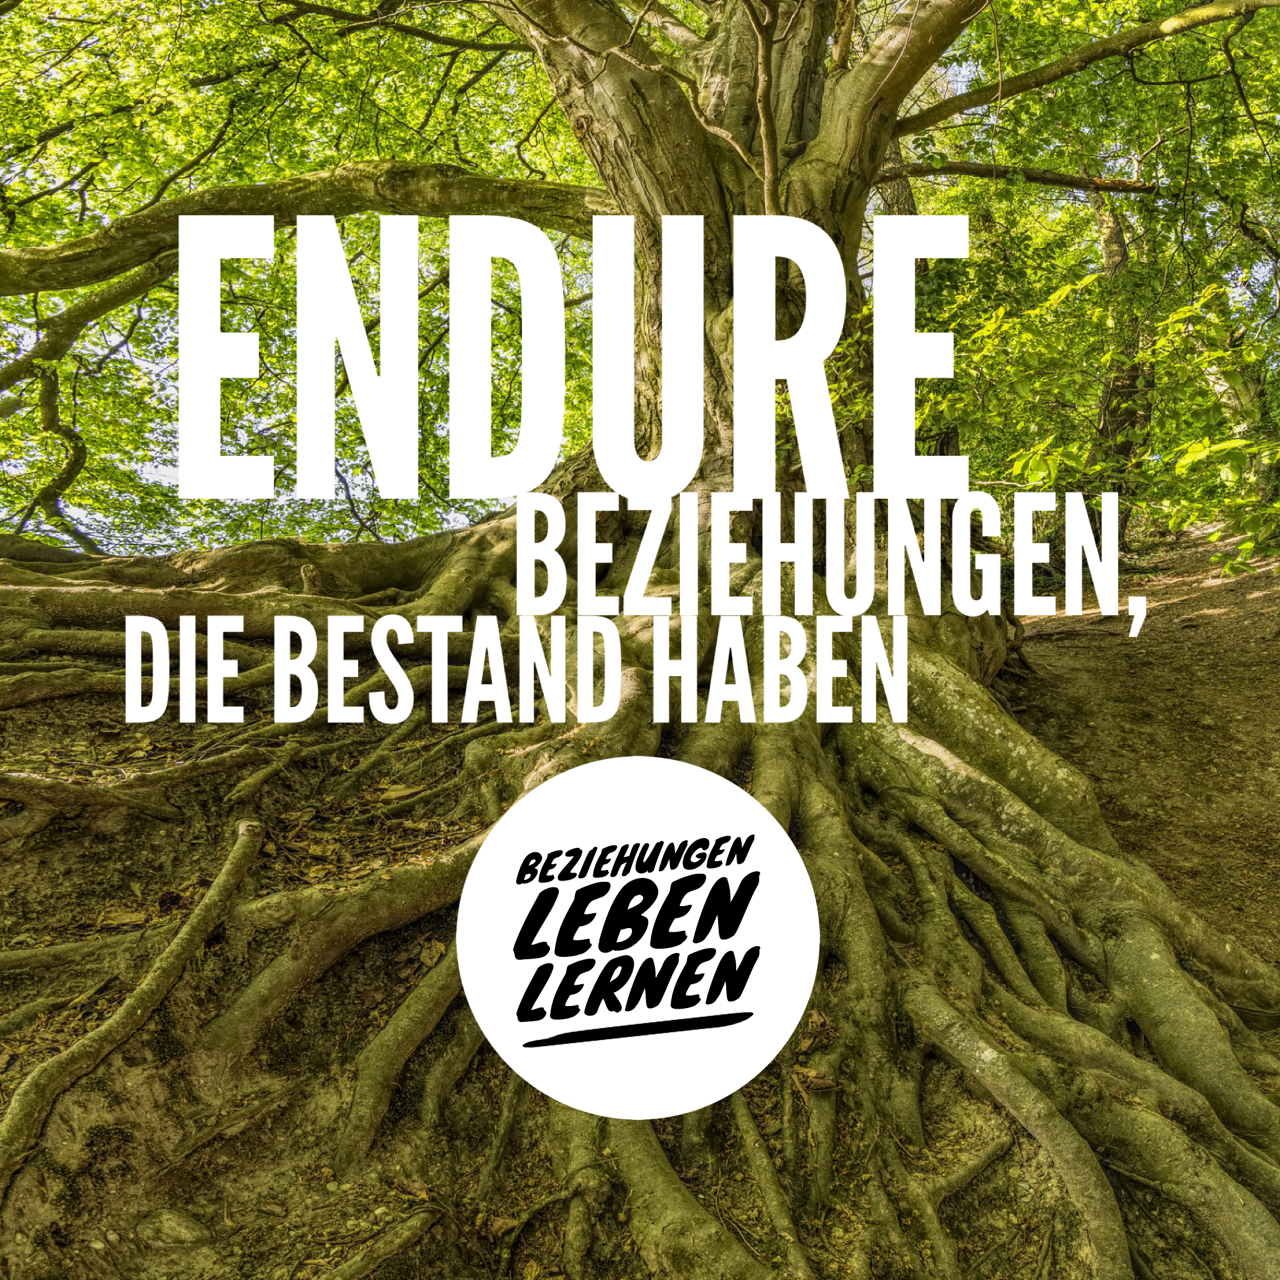 Endure - (1) Beziehungen leben lernen